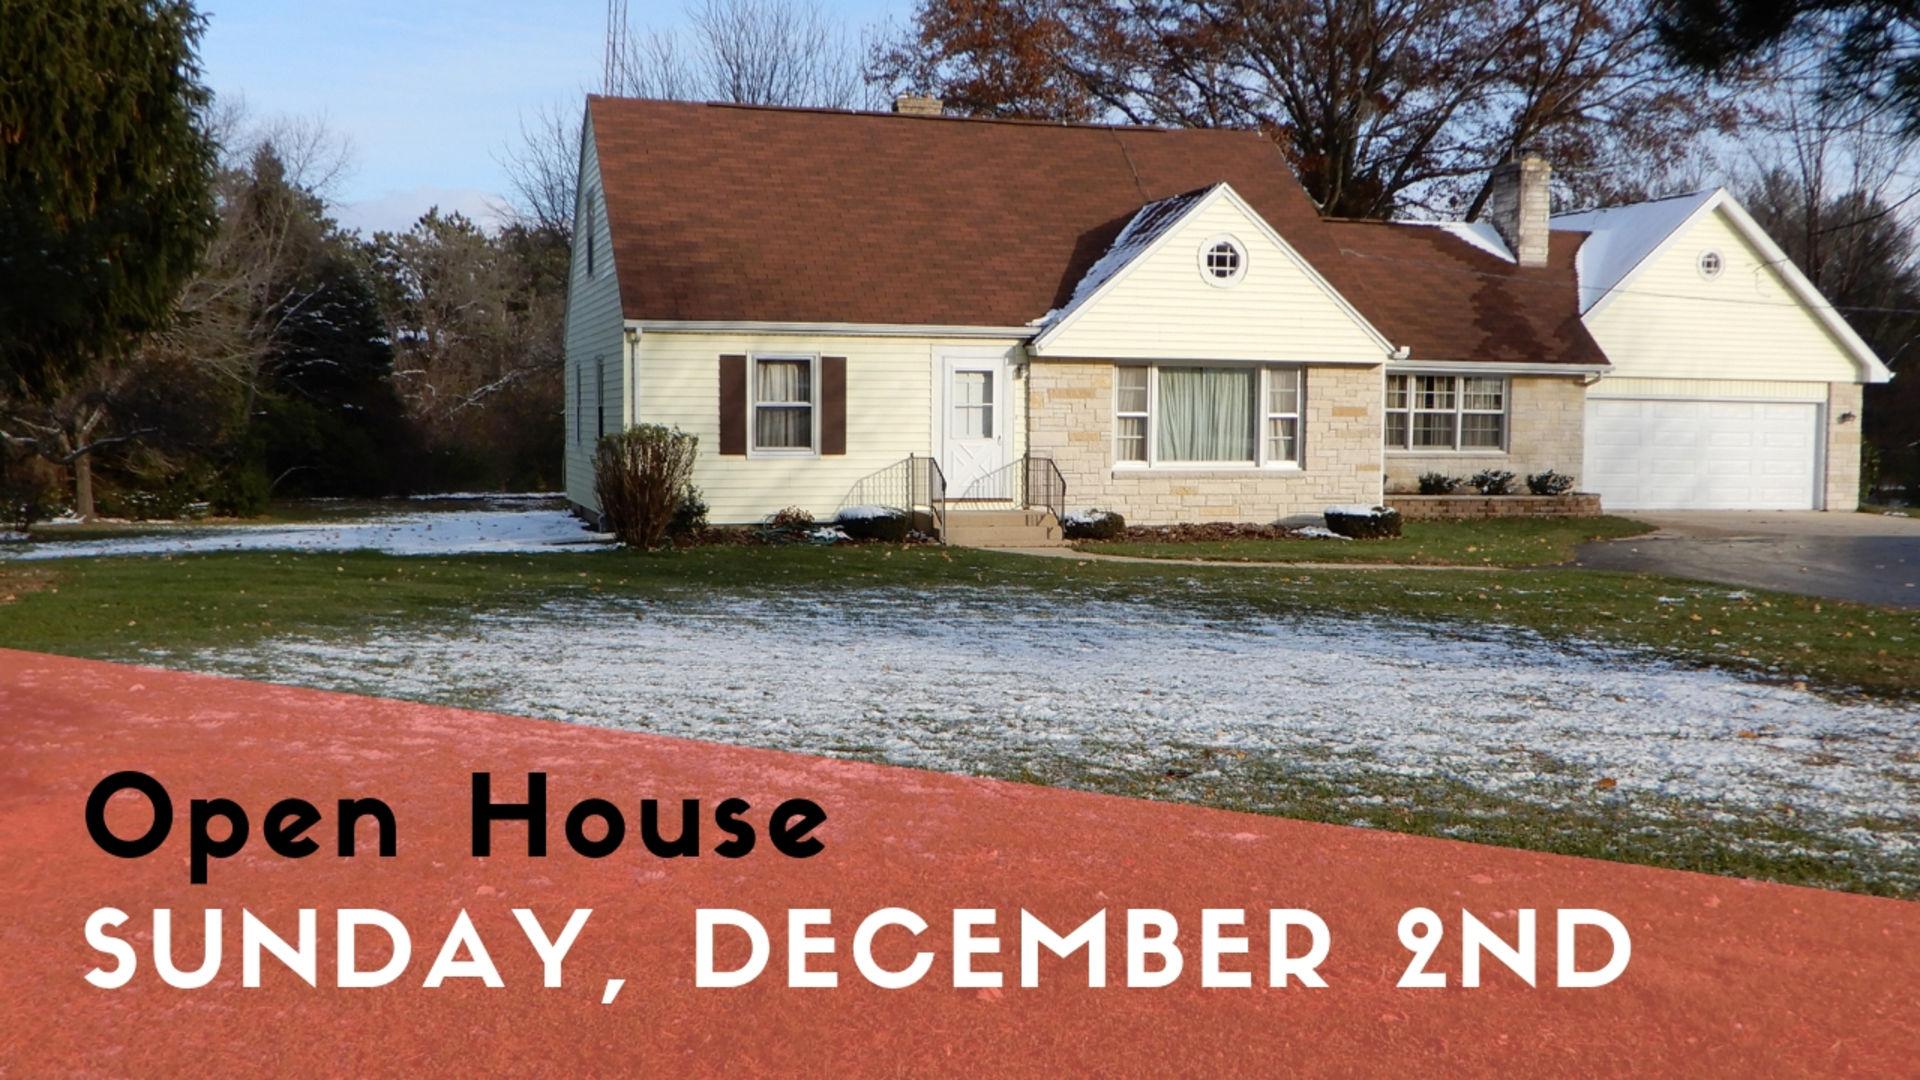 Open House: December 2nd 2018